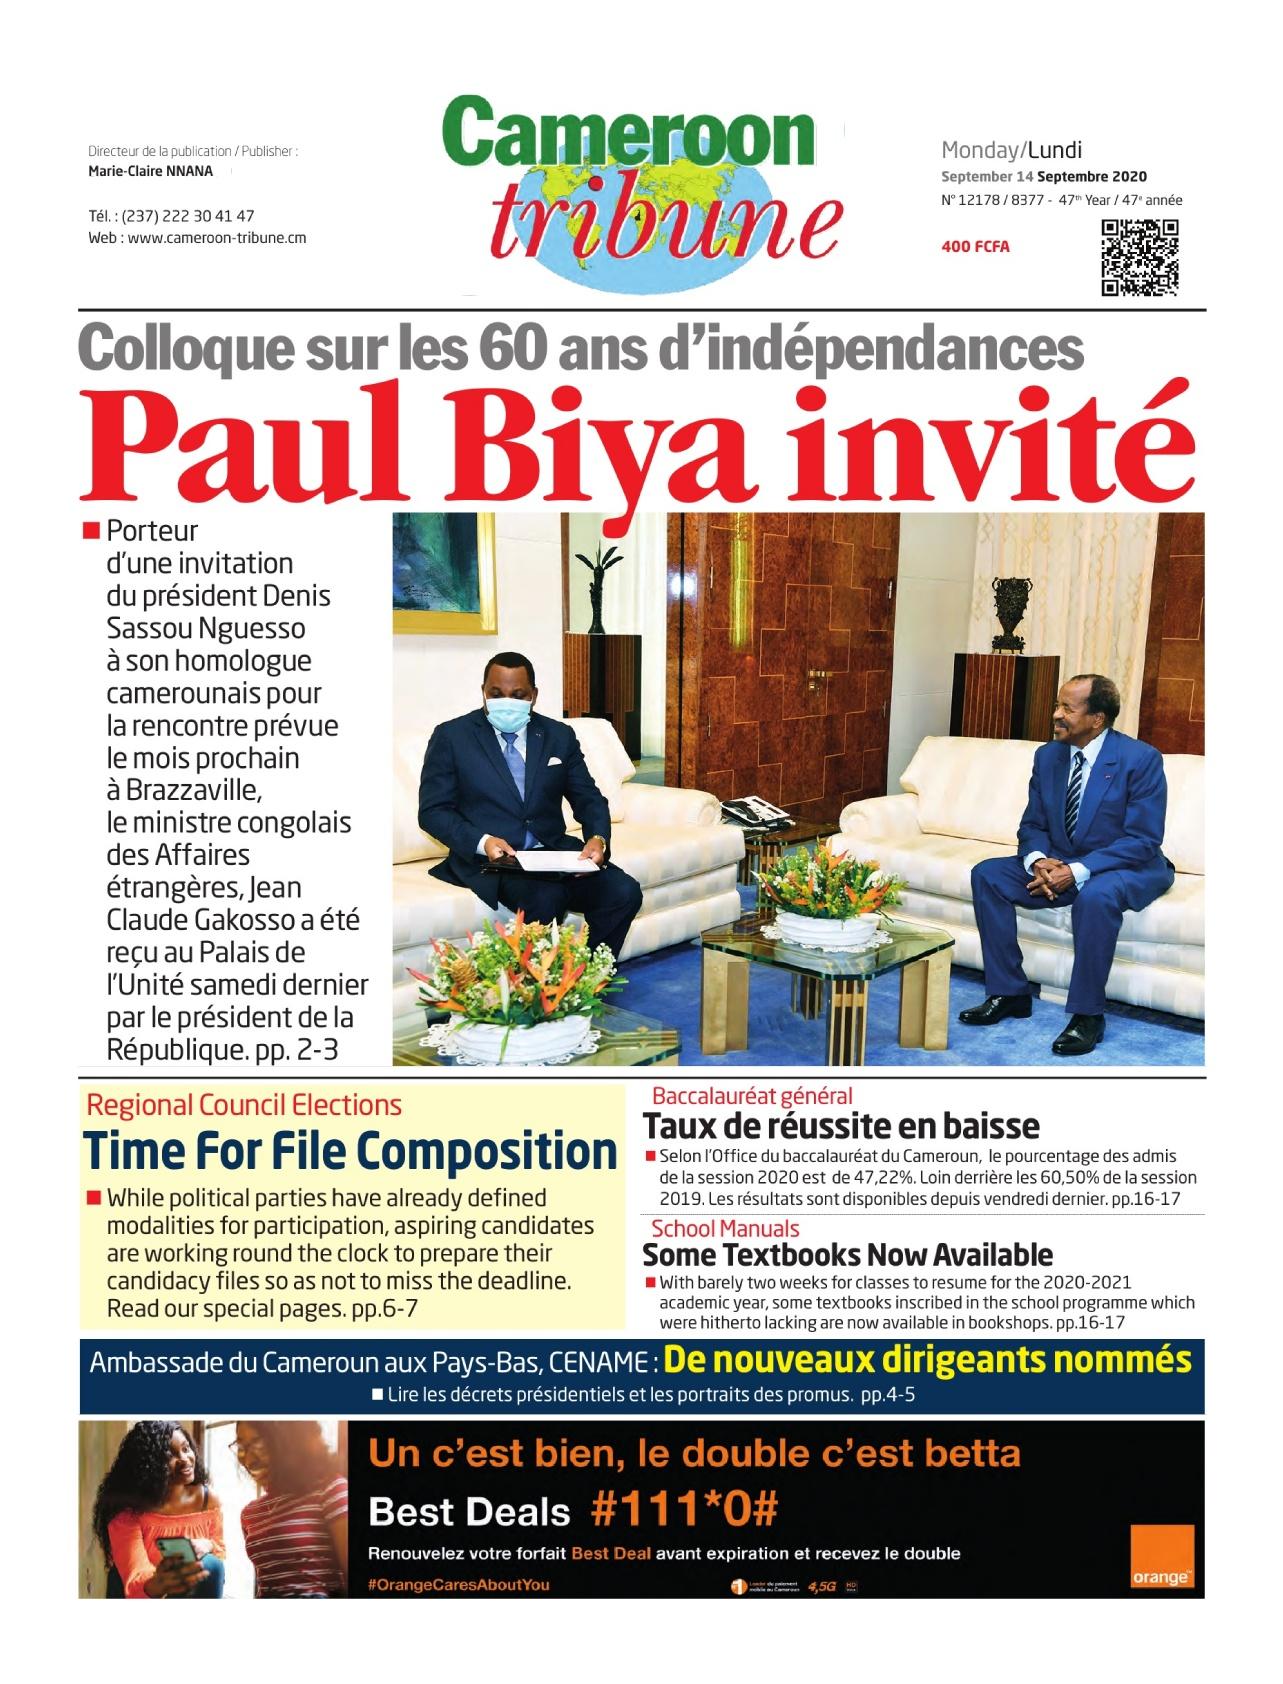 Cameroon Tribune - 14/09/2020